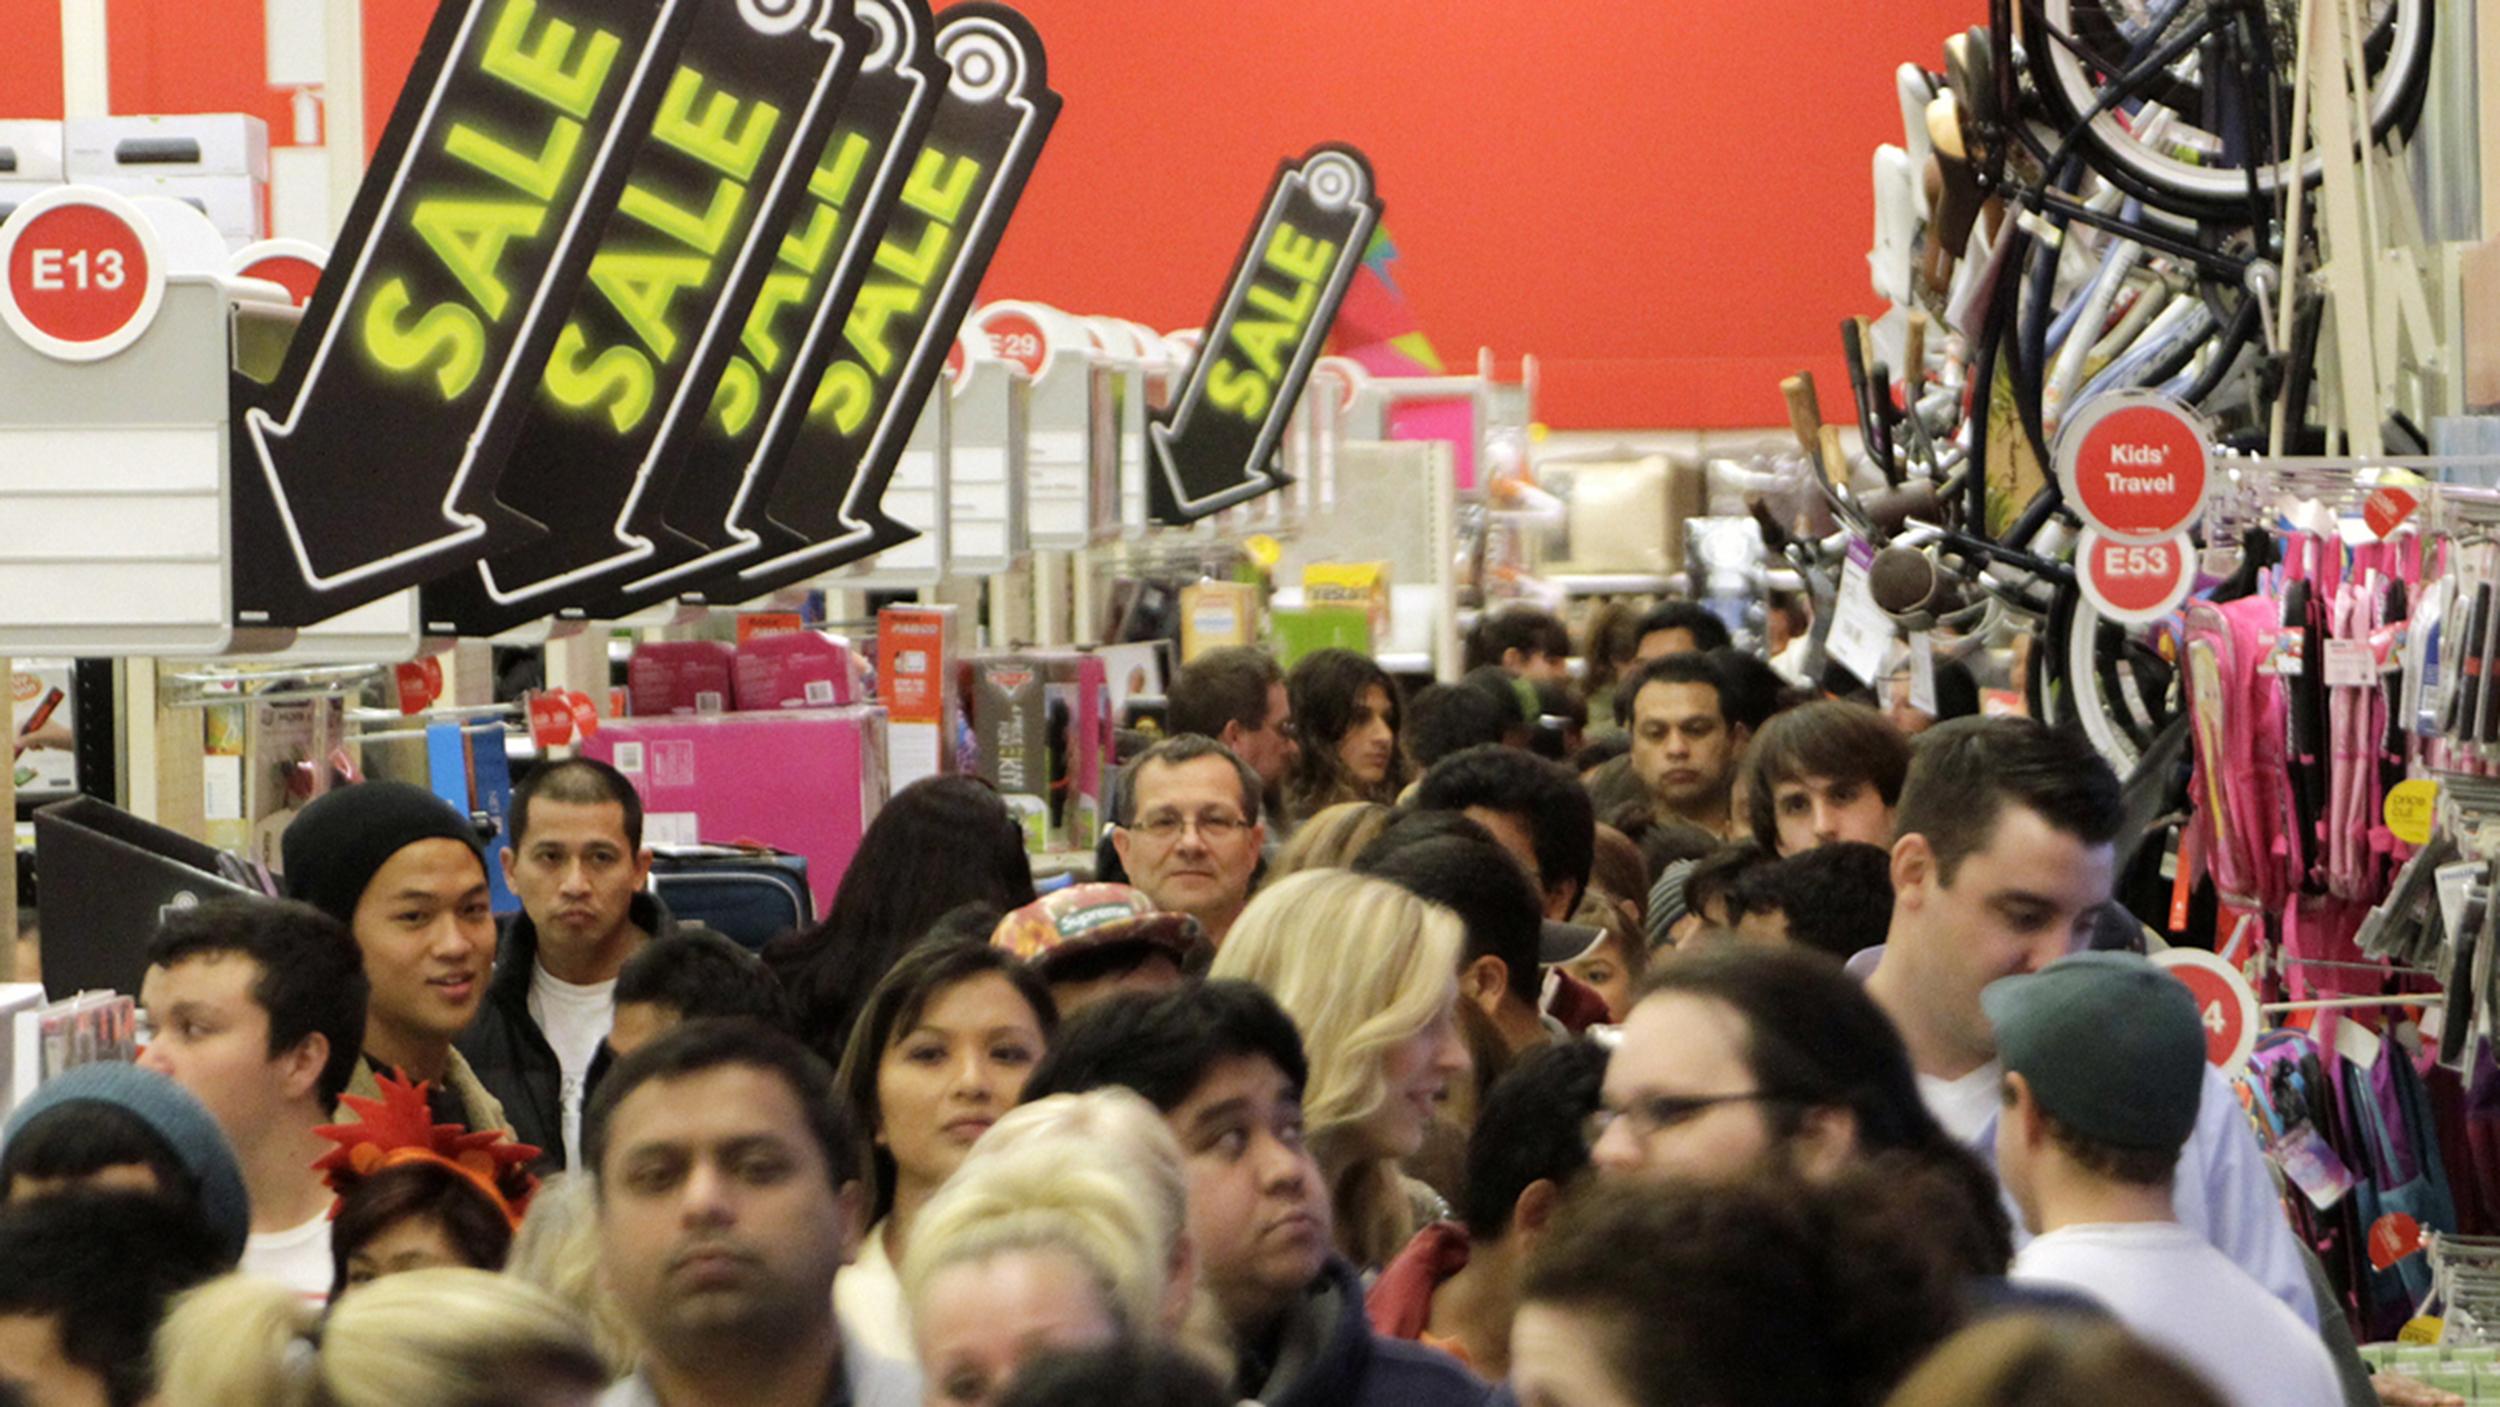 crowded-shop